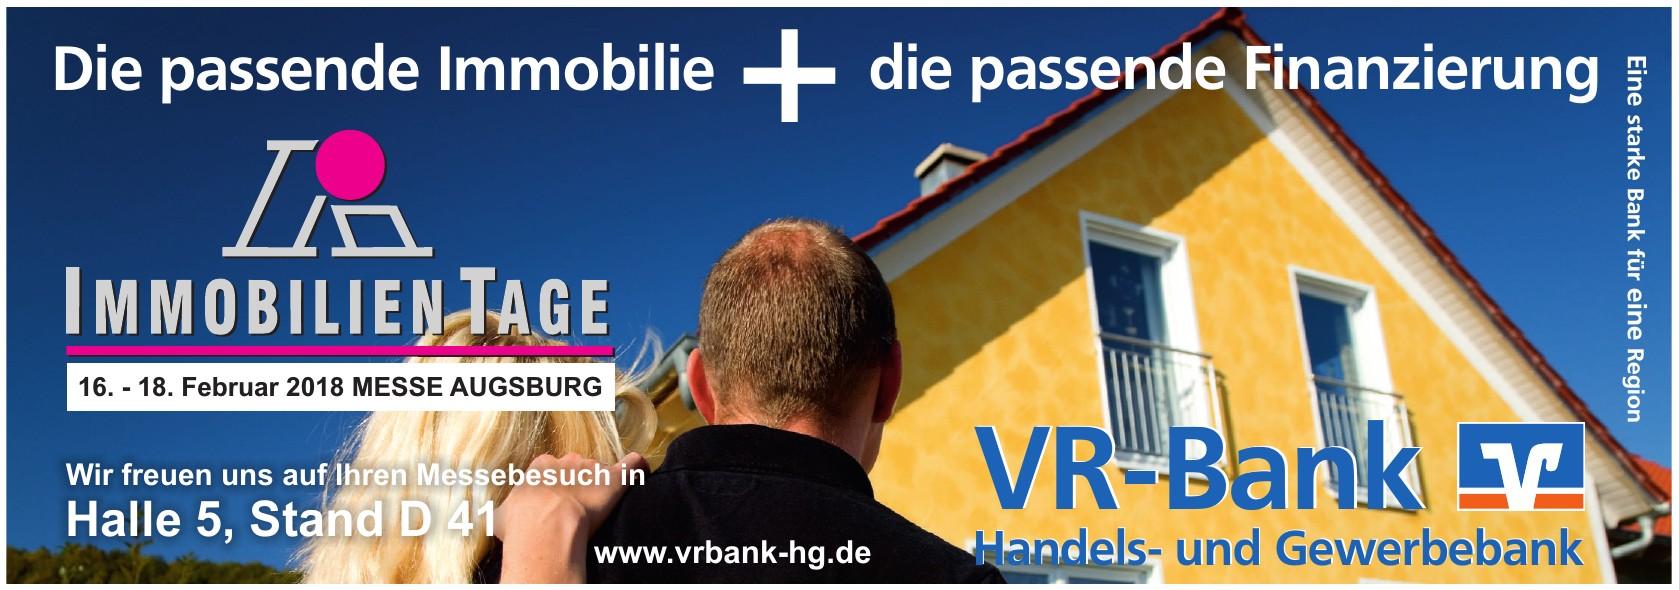 VR-Bank Handels- und Gewerbebank